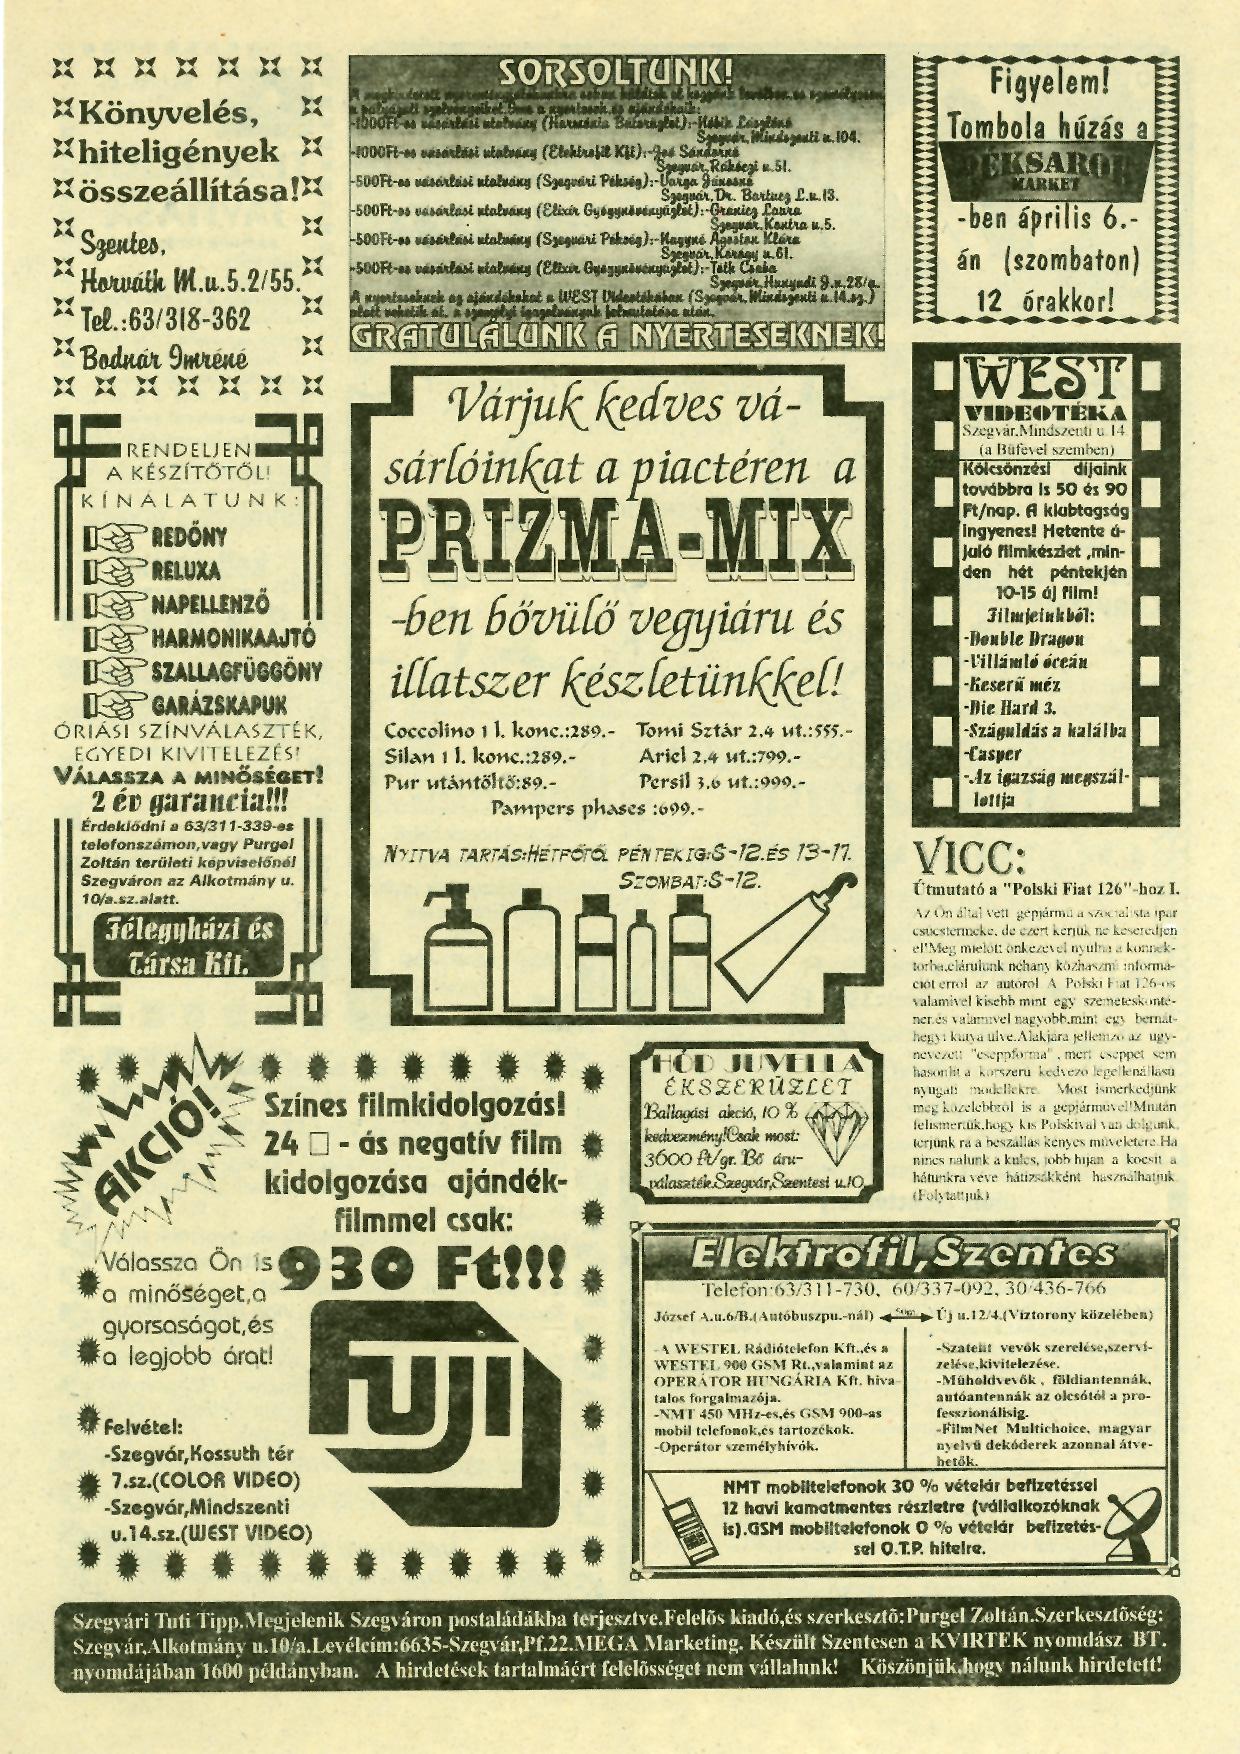 016 Szegvári Tuti Tipp reklámújság - 19960406-019. lapszám - 2.oldal - II. évfolyam.jpg